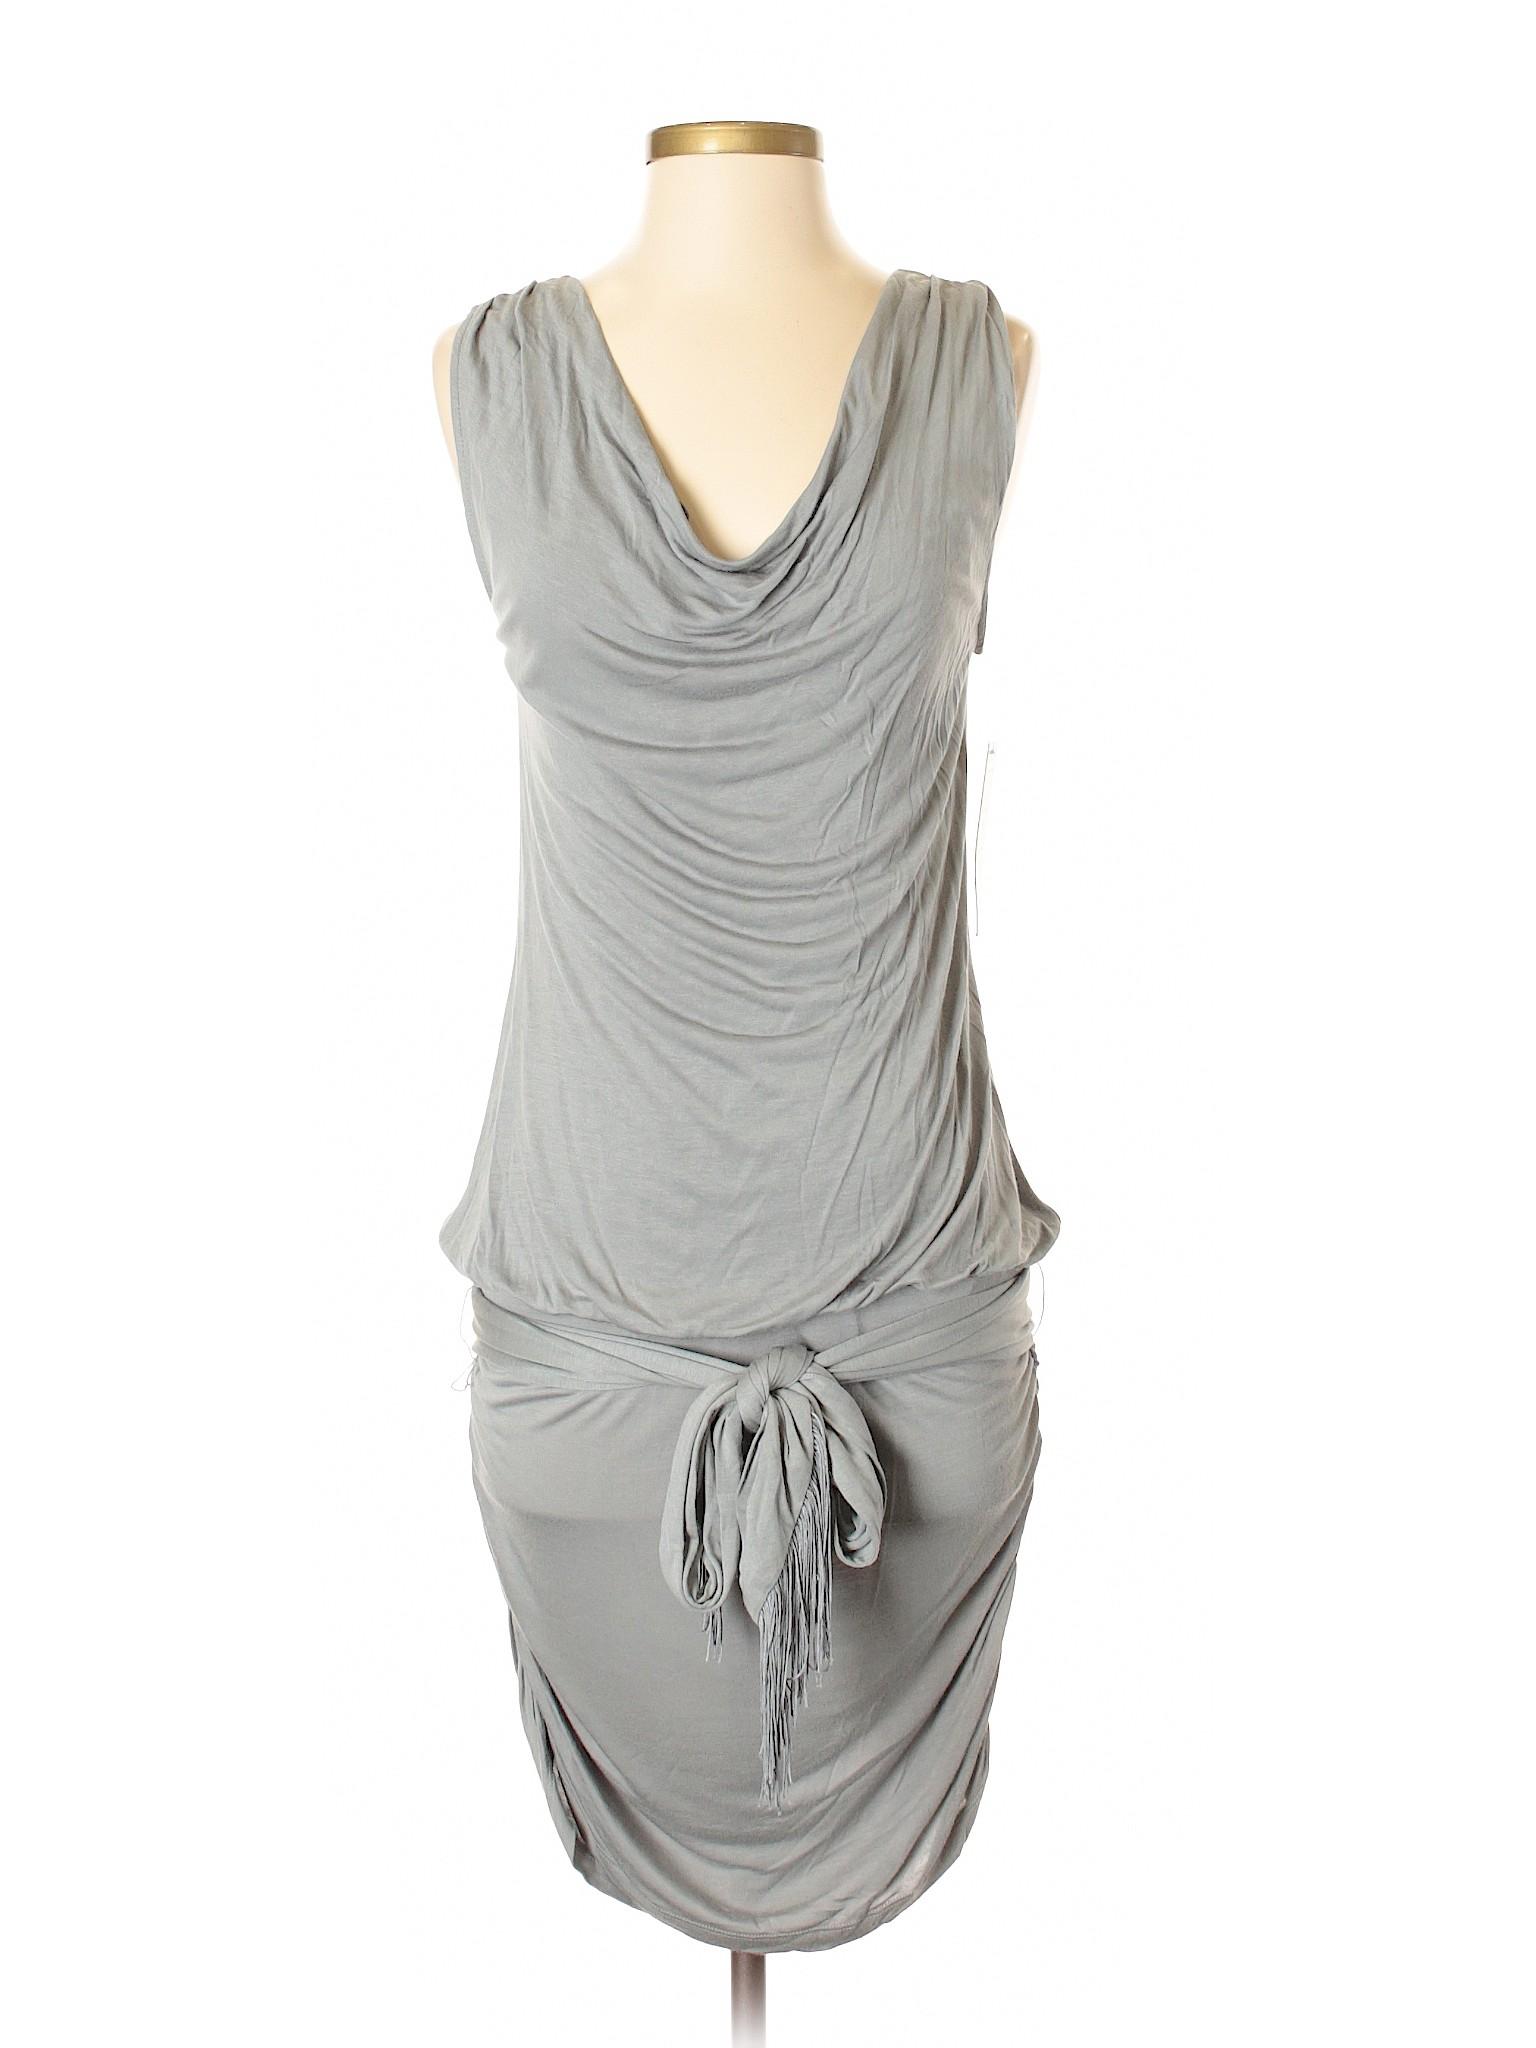 Selling International Selling Casual Go Go Dress CUq6wx05q